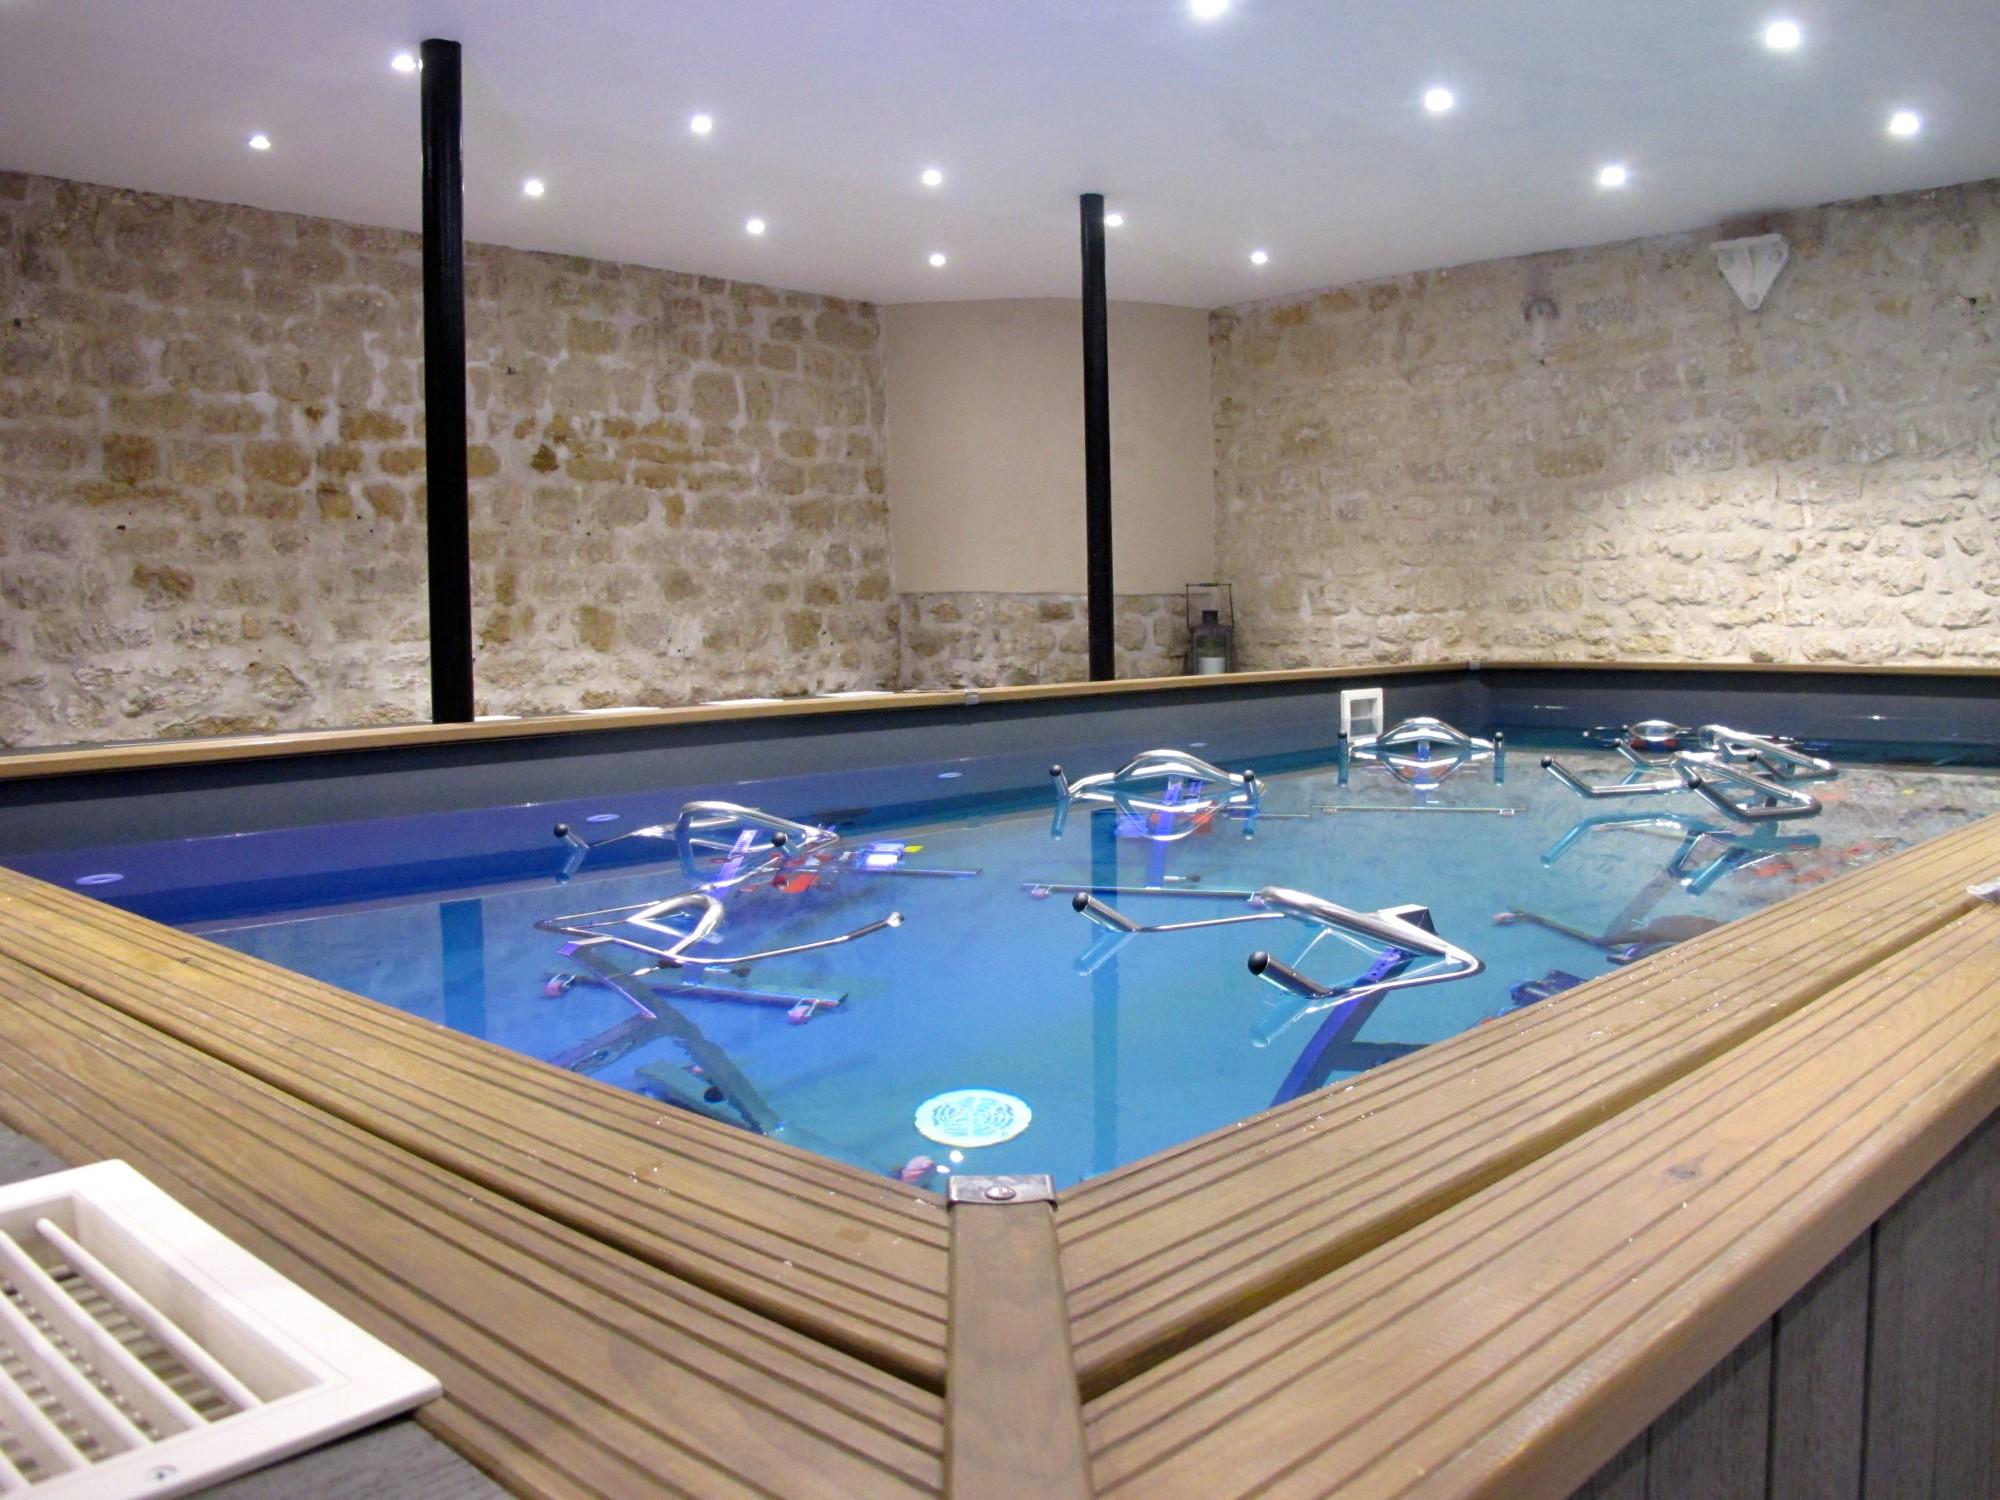 Atelier mood l 39 aquabiking l 39 honneur the parisienne for Piscine xveme